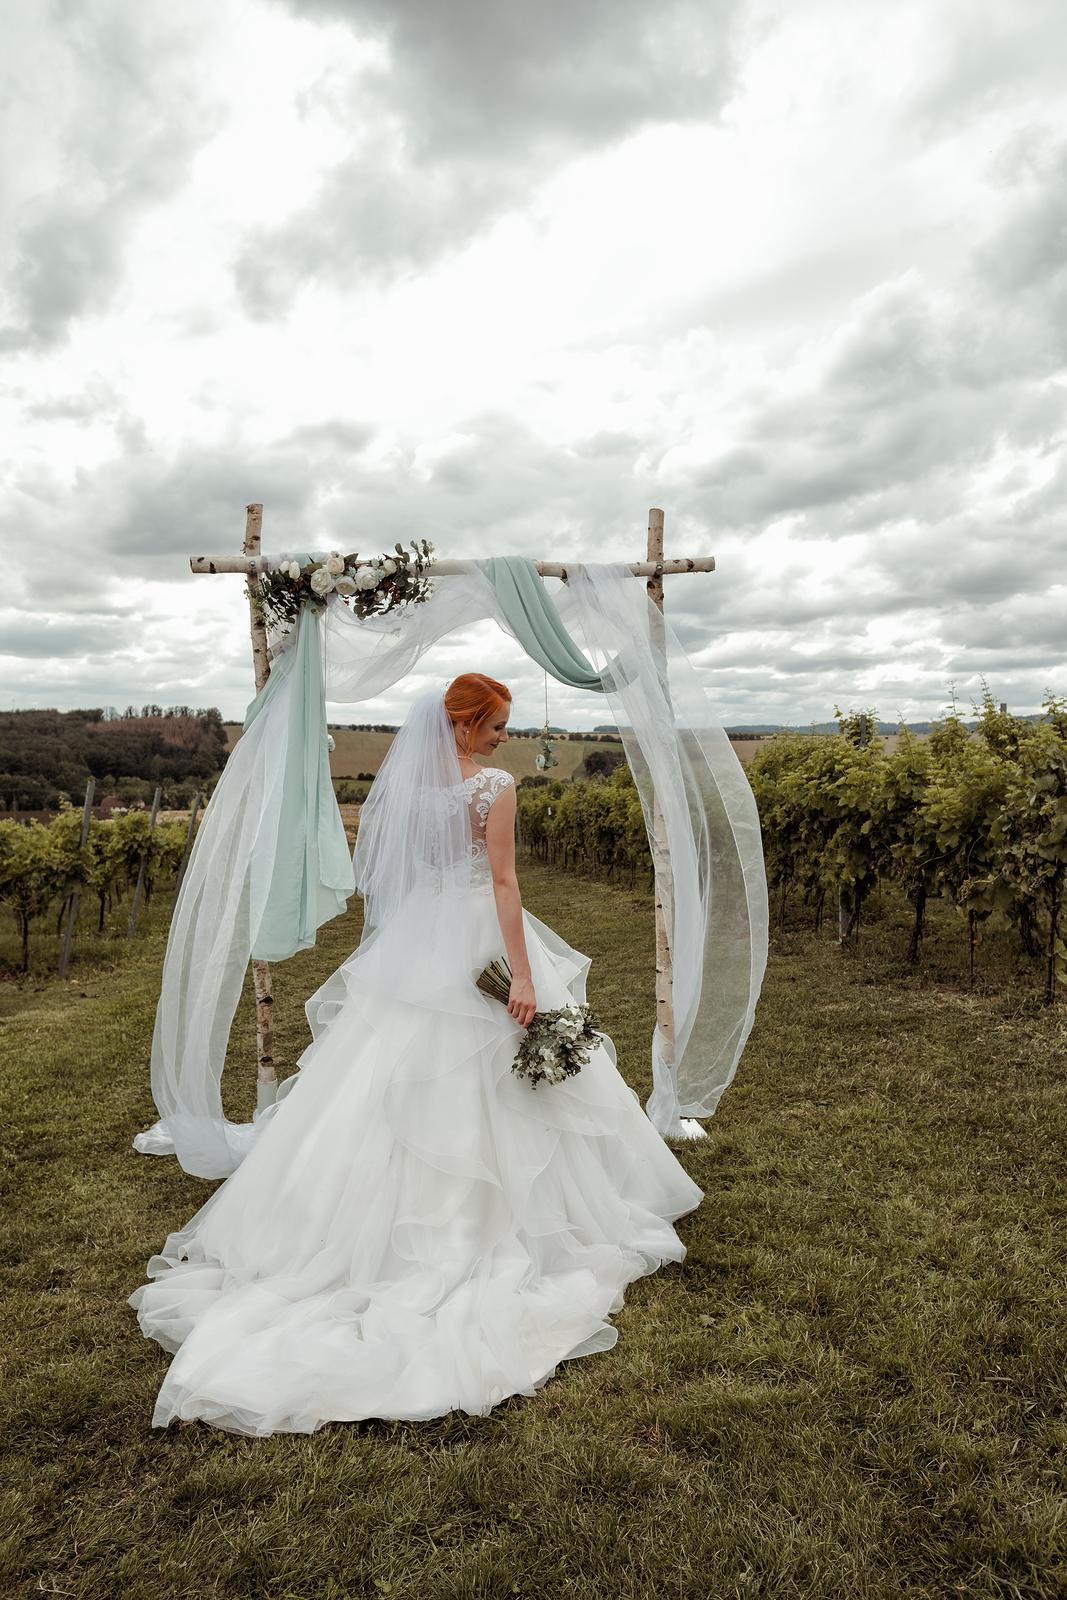 Krásné svatební šaty, vel. 36-38 - Obrázek č. 1